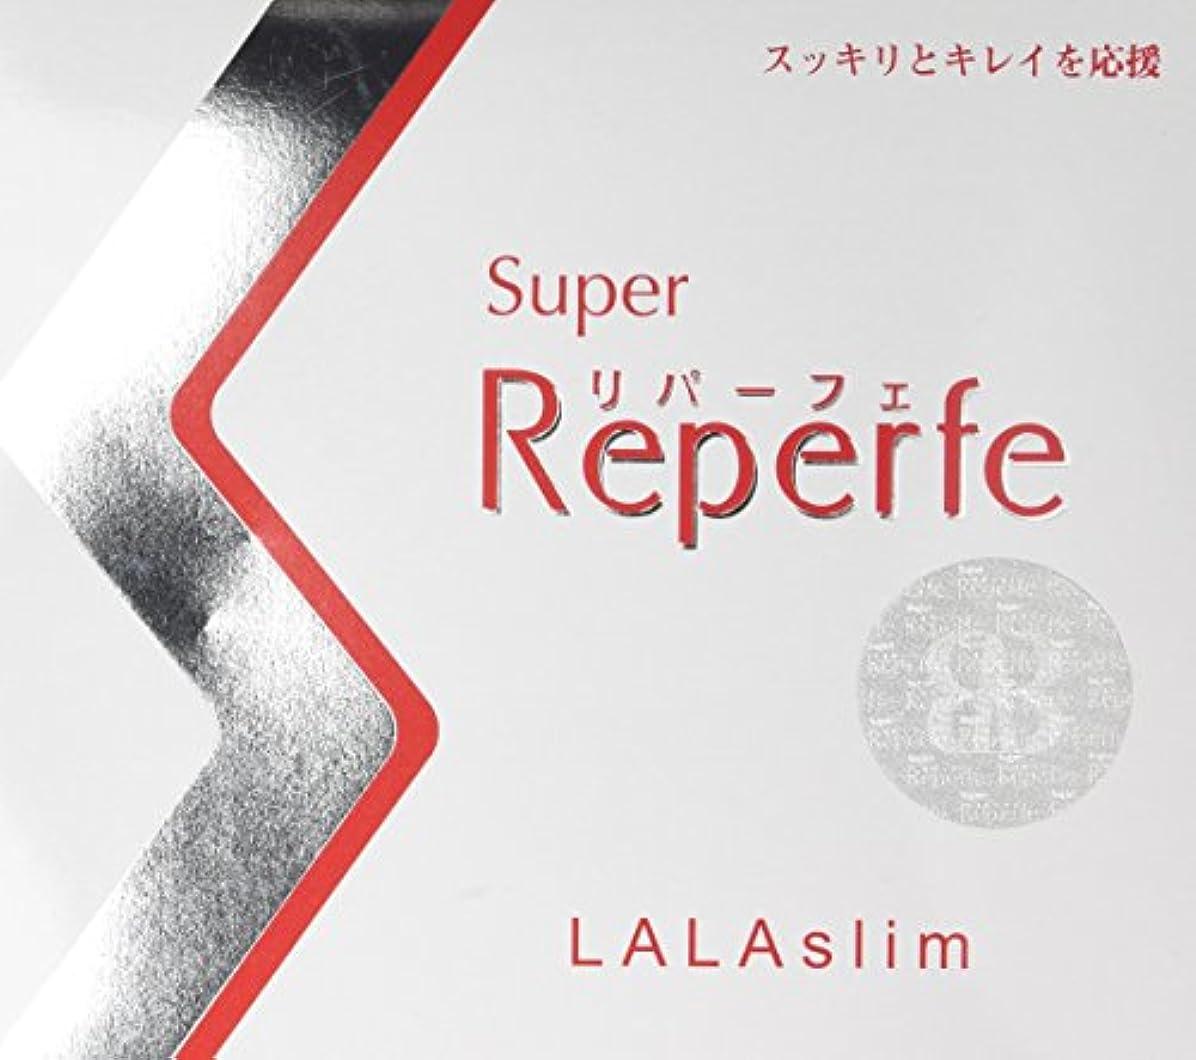 本に応じて踏み台スーパーリパーフェ ララスリム 錠剤タイプ